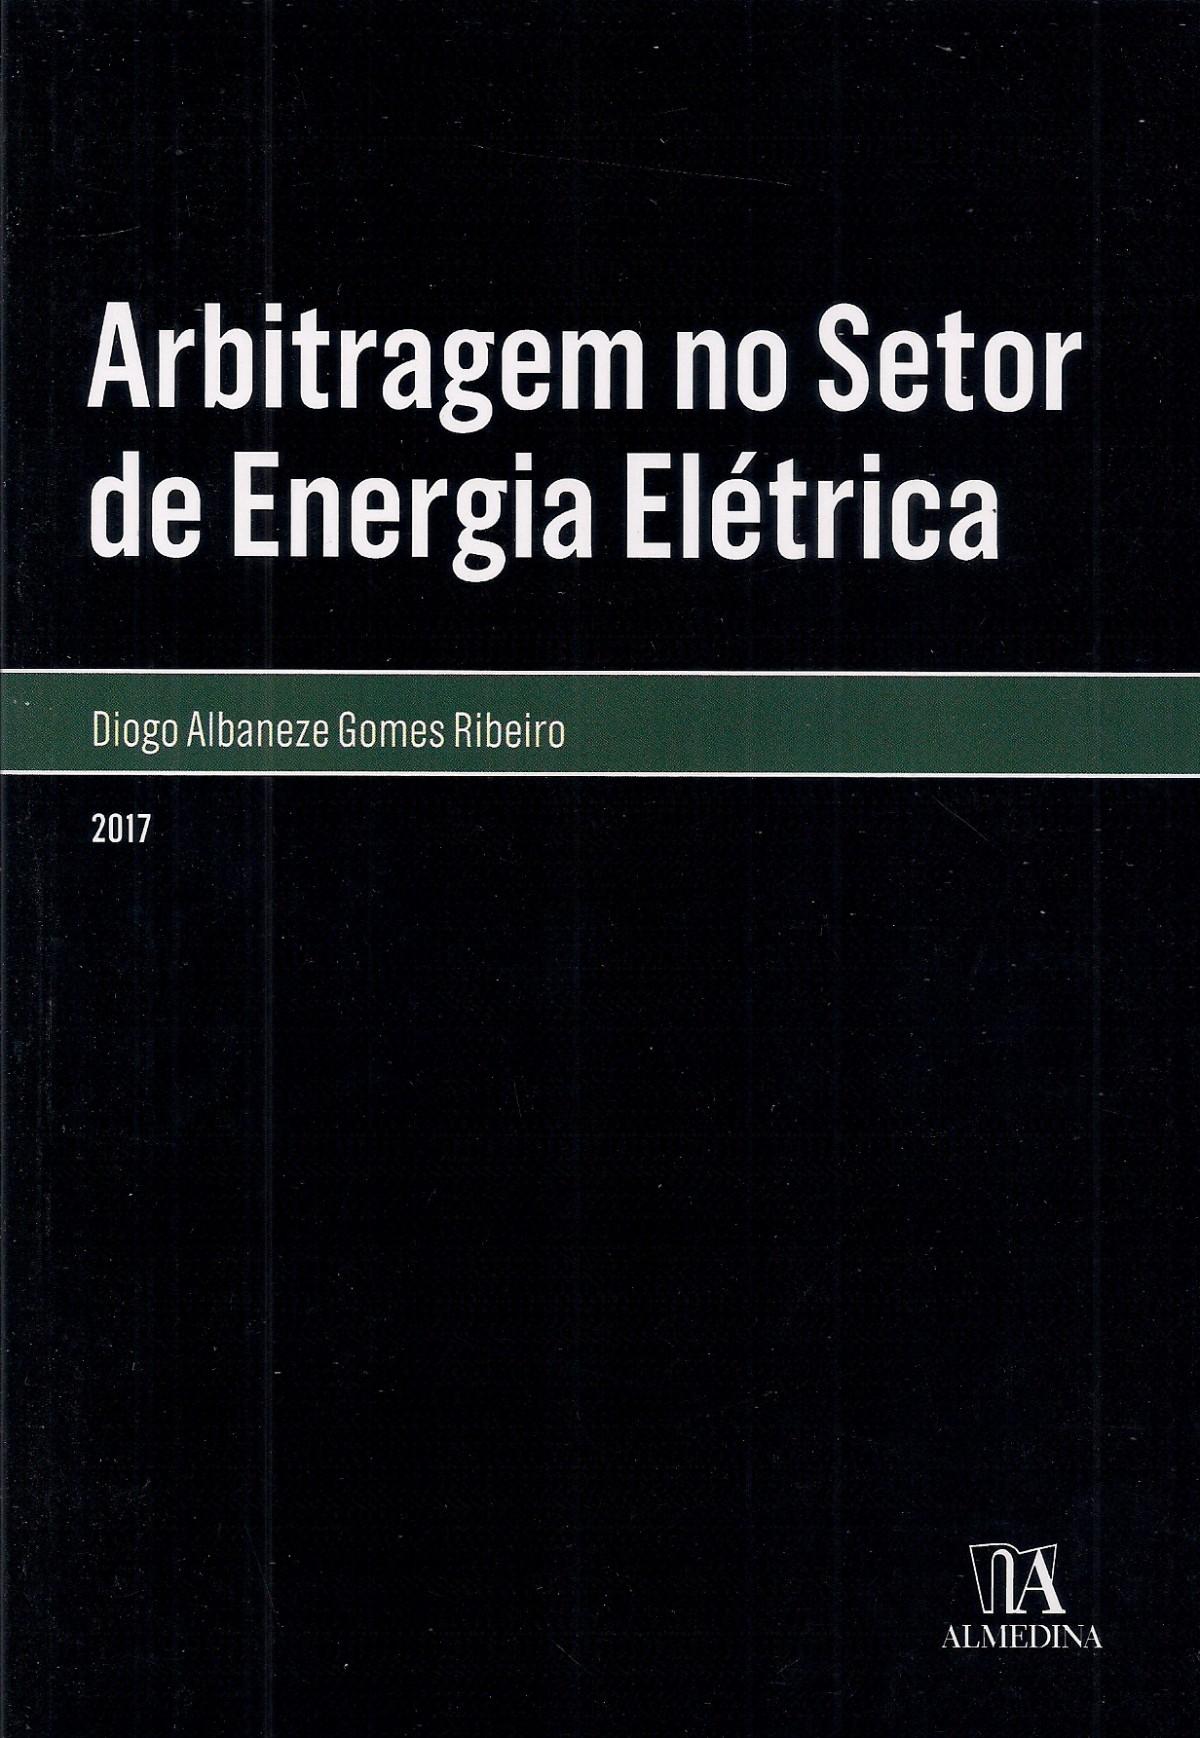 Foto 1 - Arbitragem no Setor de Energia Elétrica